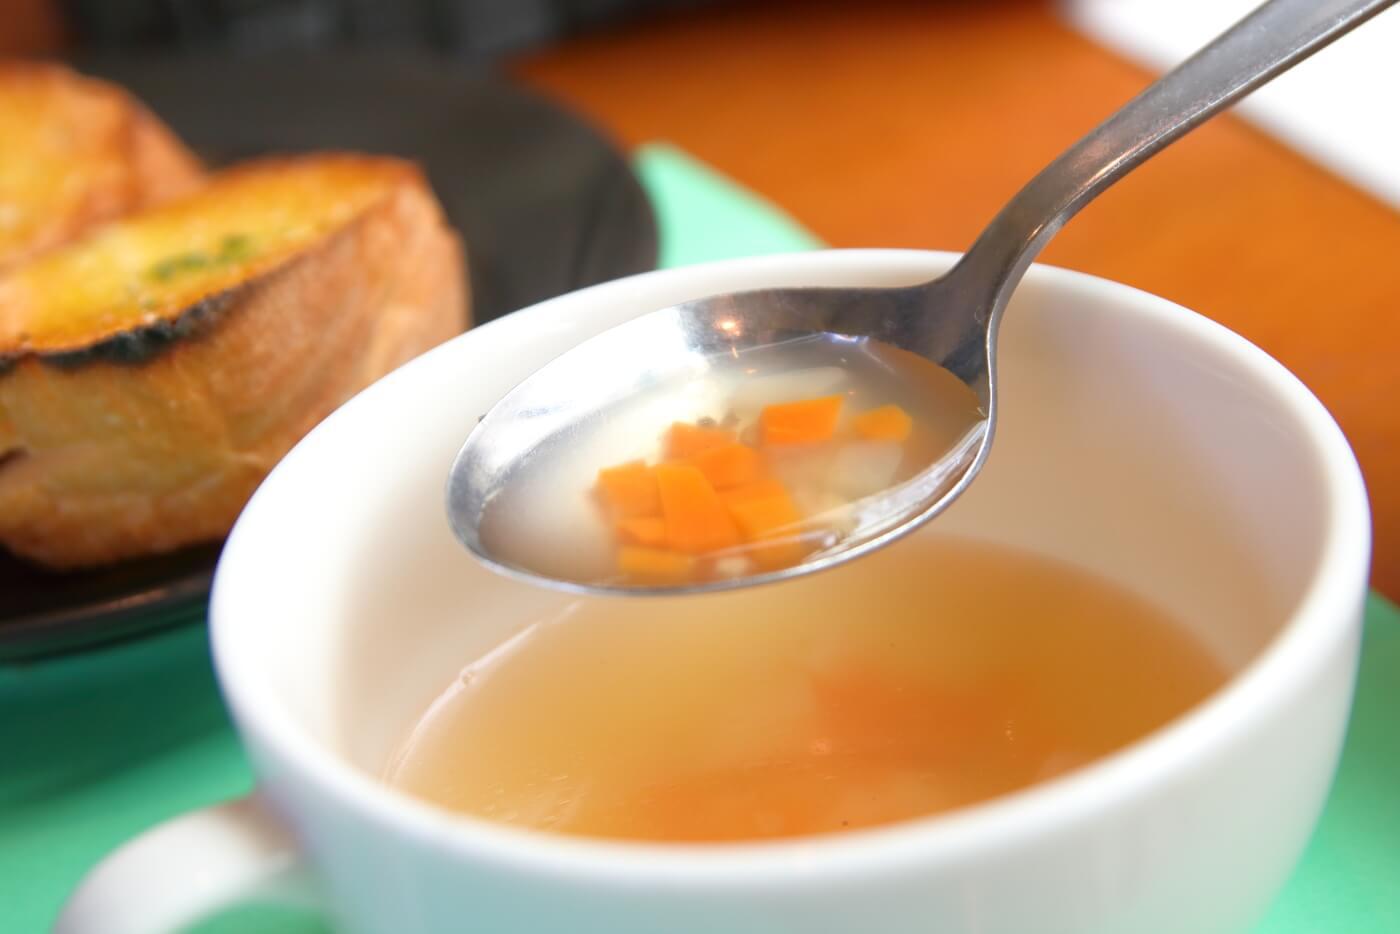 南国市浜改田 ナポリの風 パスタセットのスープ 具材はニンジンとタマネギなど